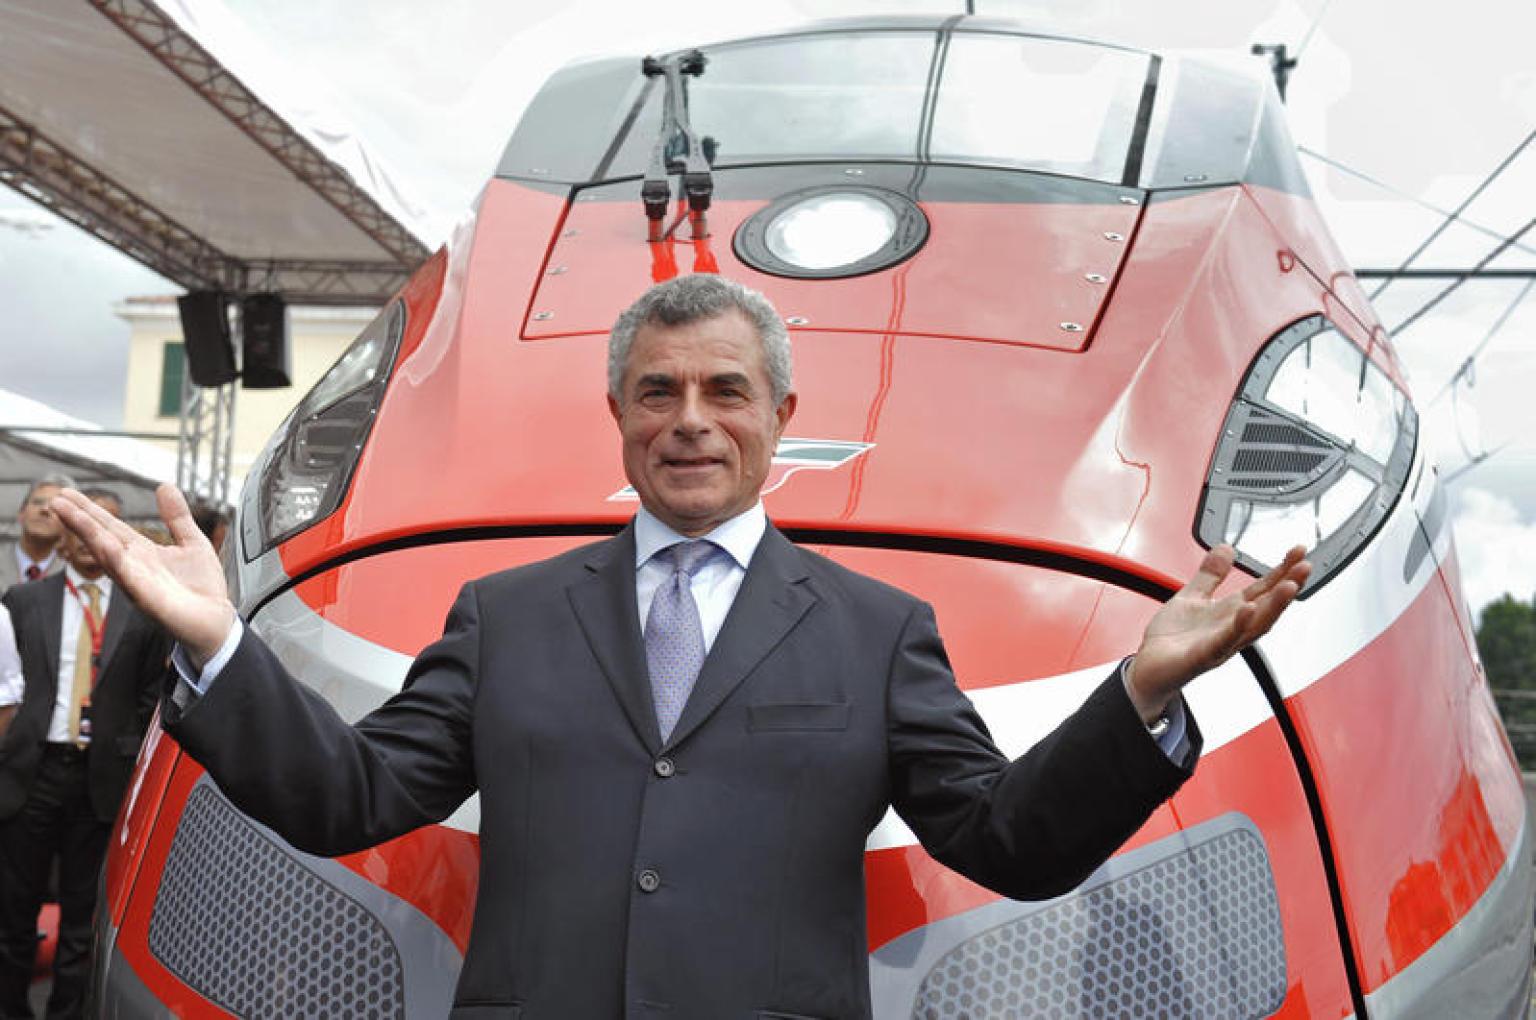 Presentazione del treno Frecciarossa 1000